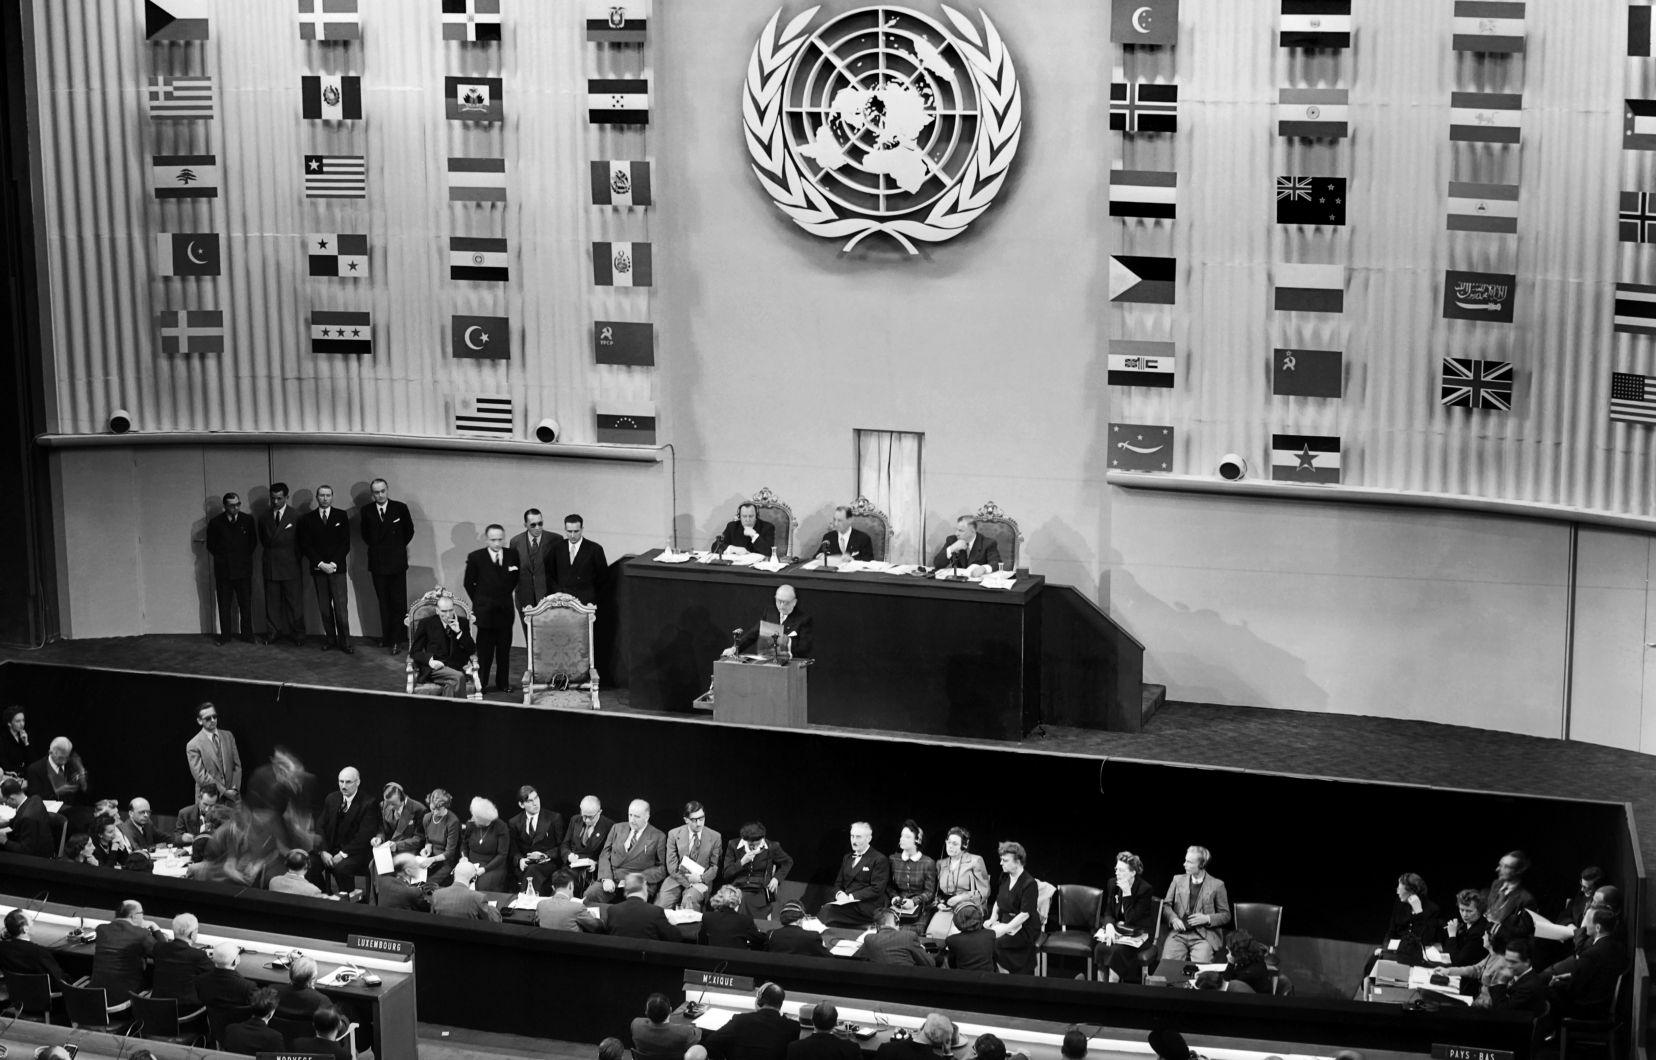 Photo: Stringer Agence France-Presse La Déclaration universelle des droits de l'homme a été adoptée par l'Assemblée générale des Nations unies à Paris il y a 70 ans, soit le 10 décembre 1948.